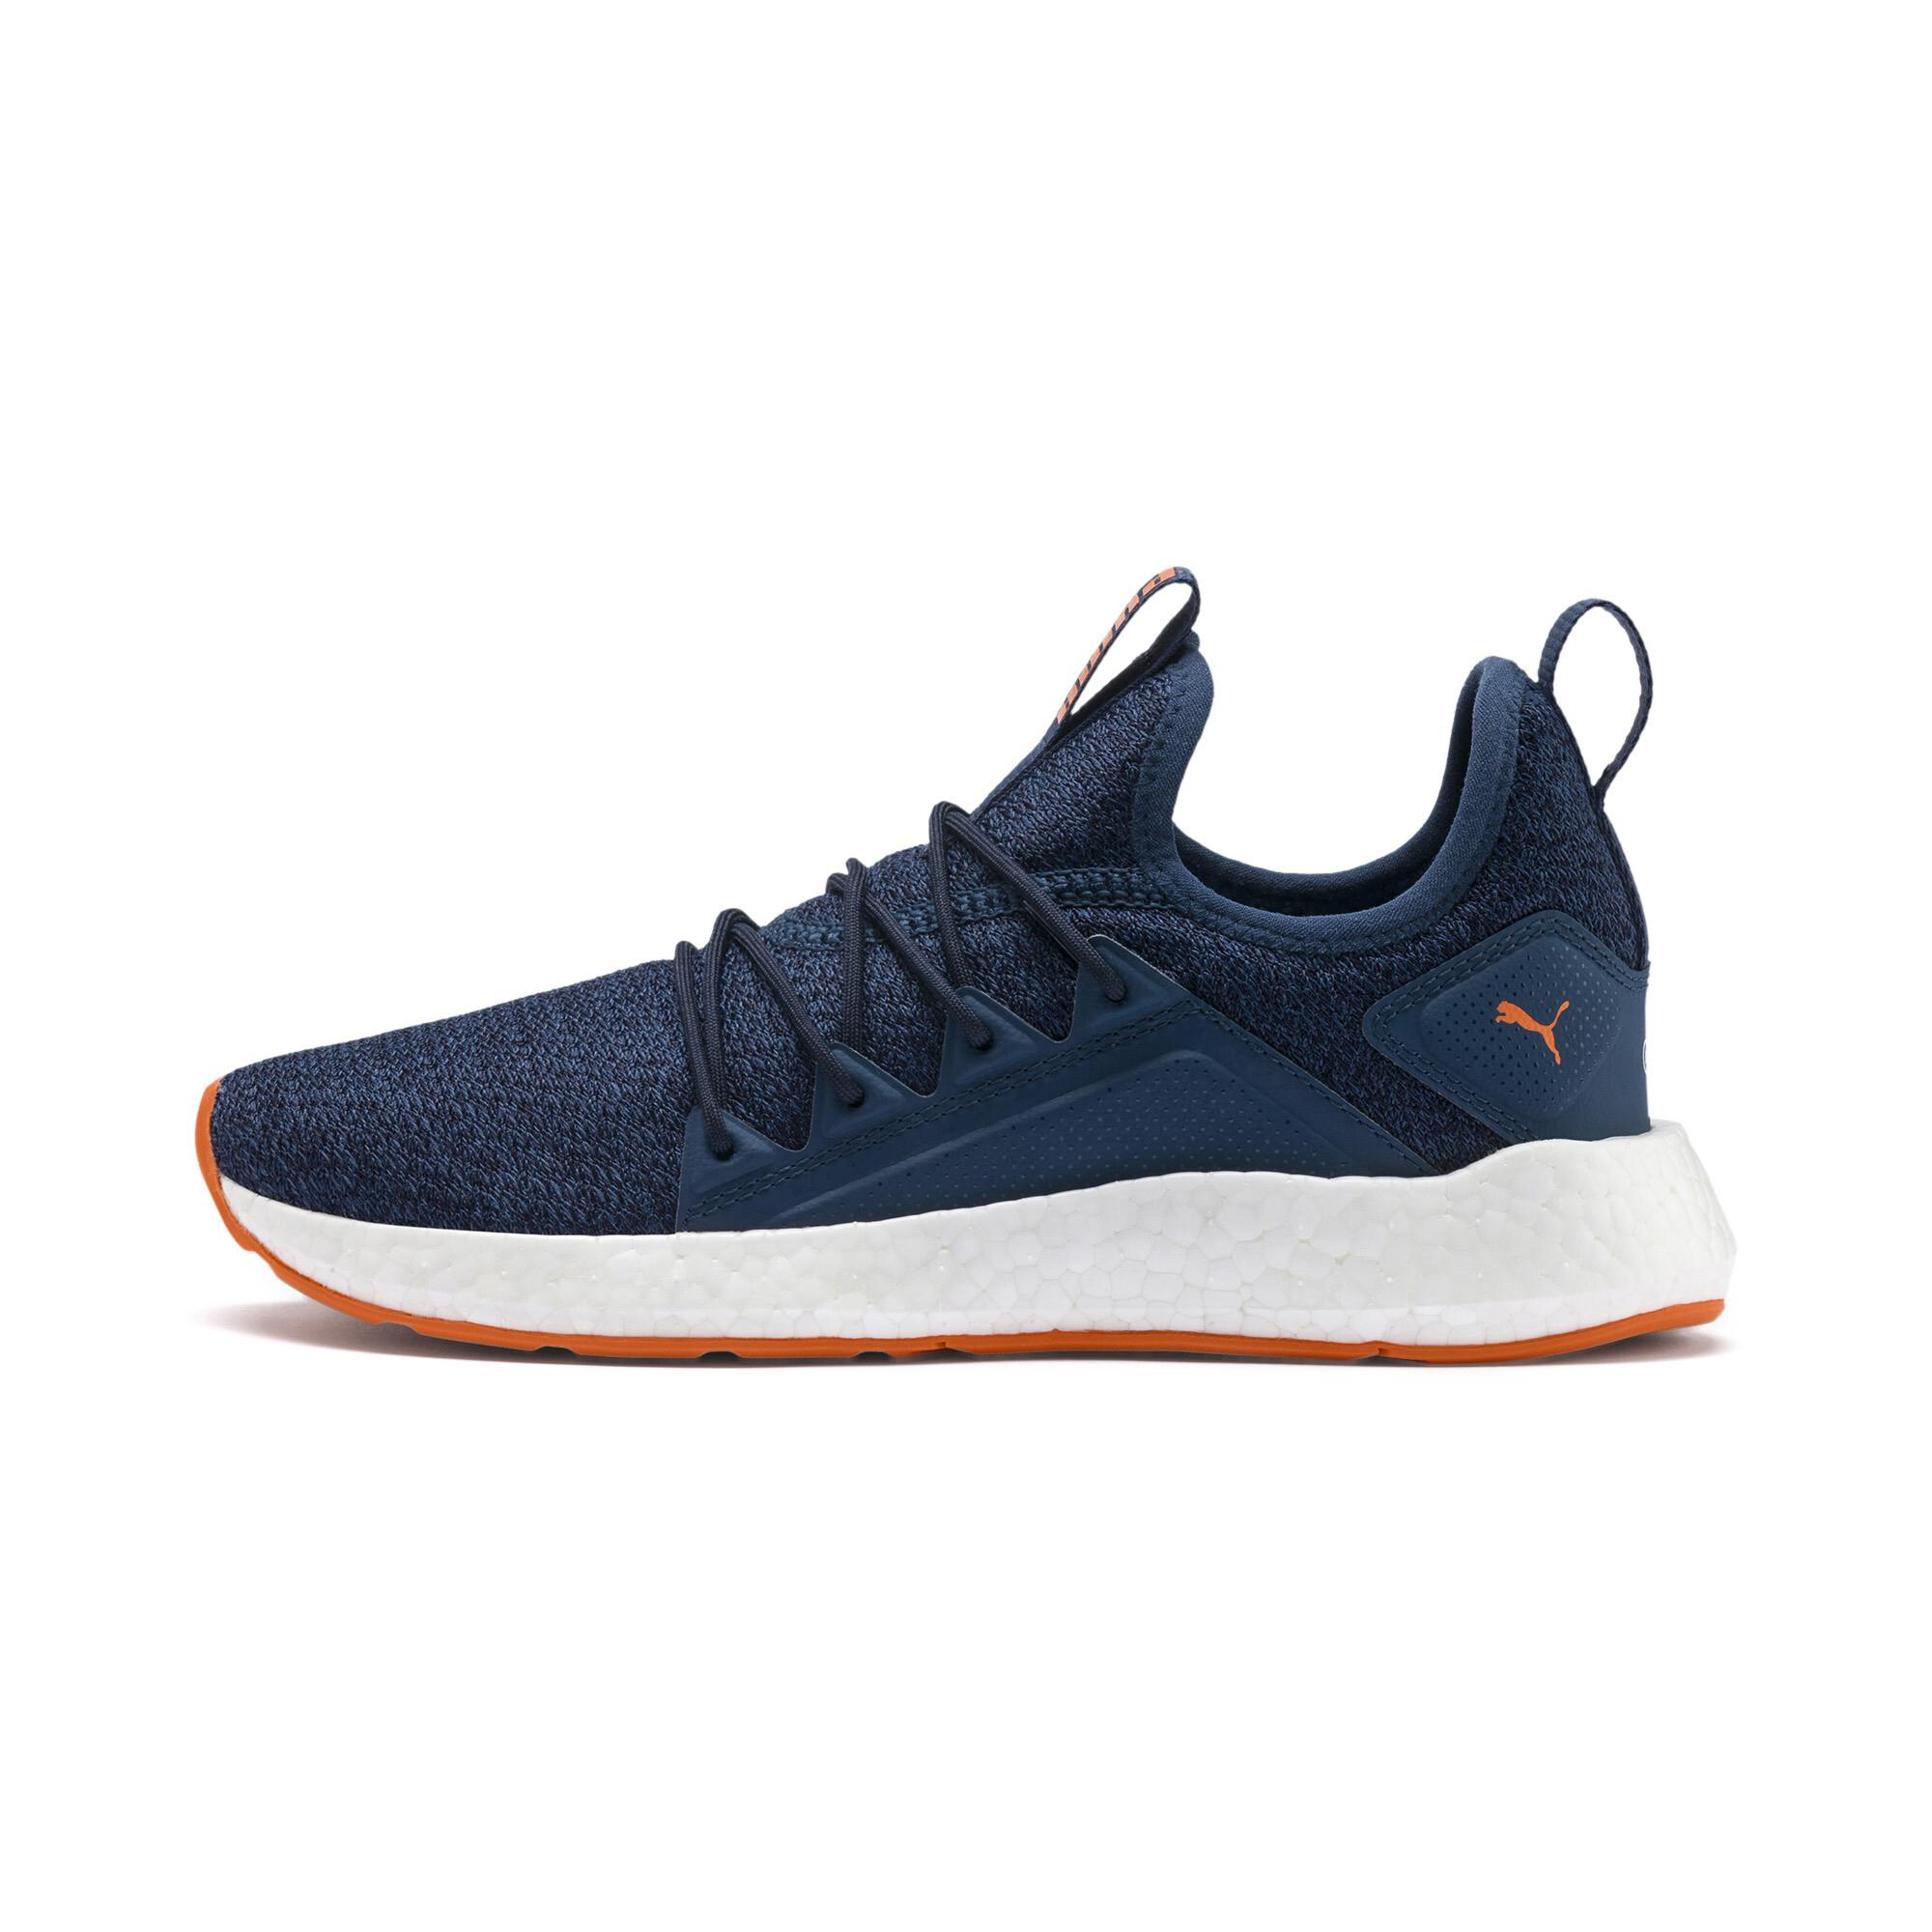 PUMA-Youth-NRGY-Neko-Knit-Running-Shoes thumbnail 4